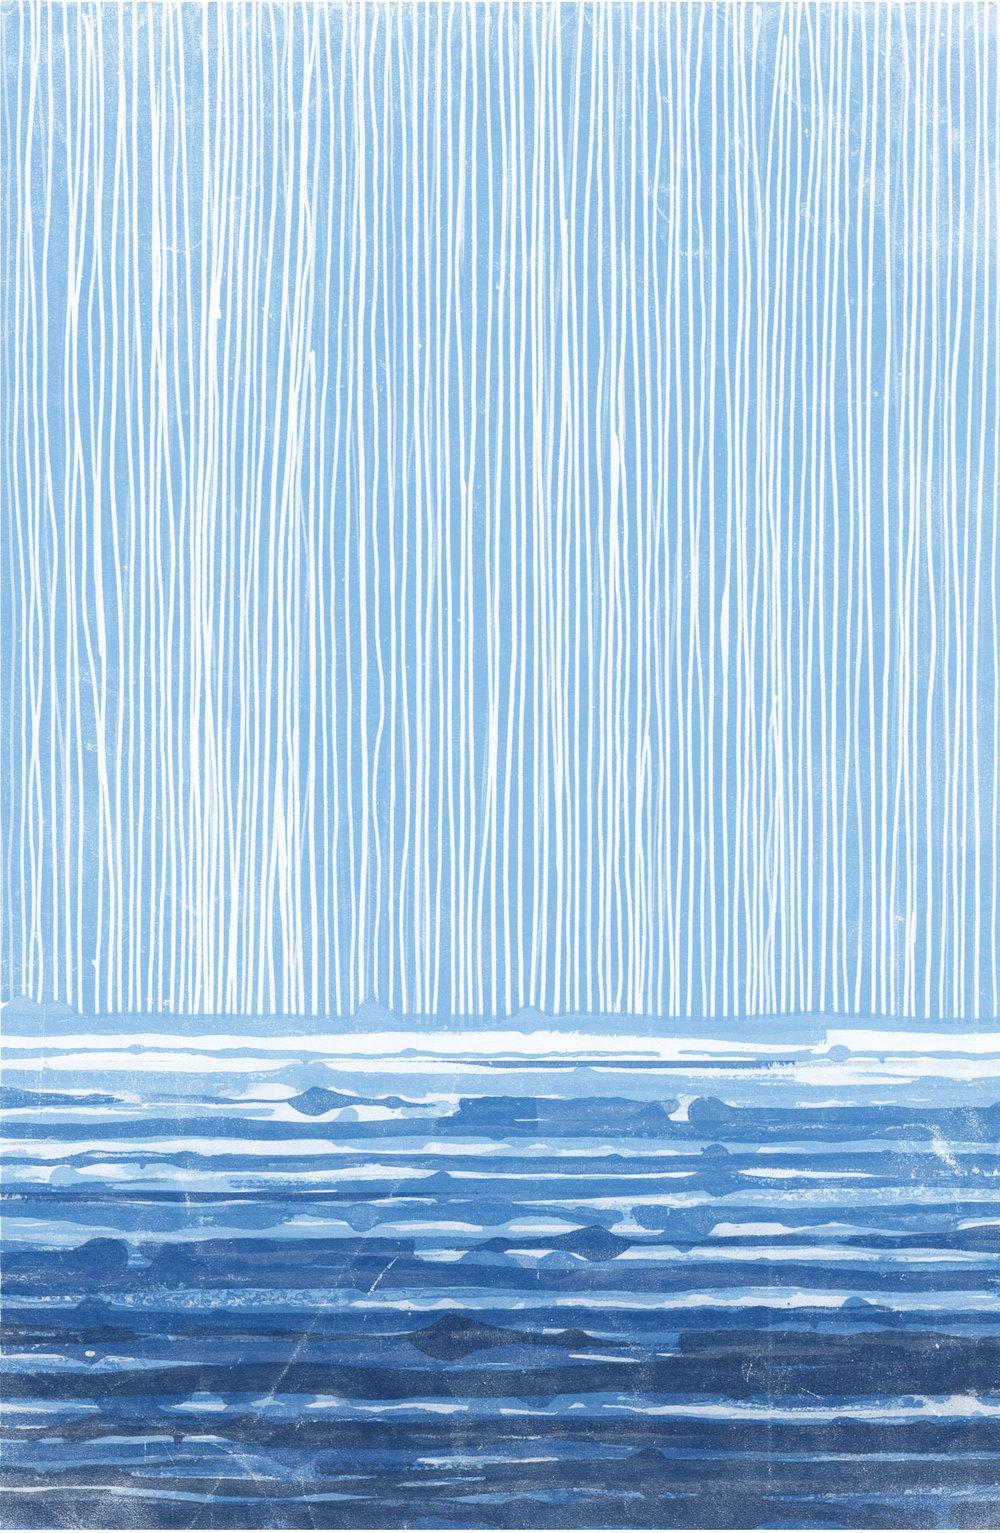 pericles_sky_water.jpg